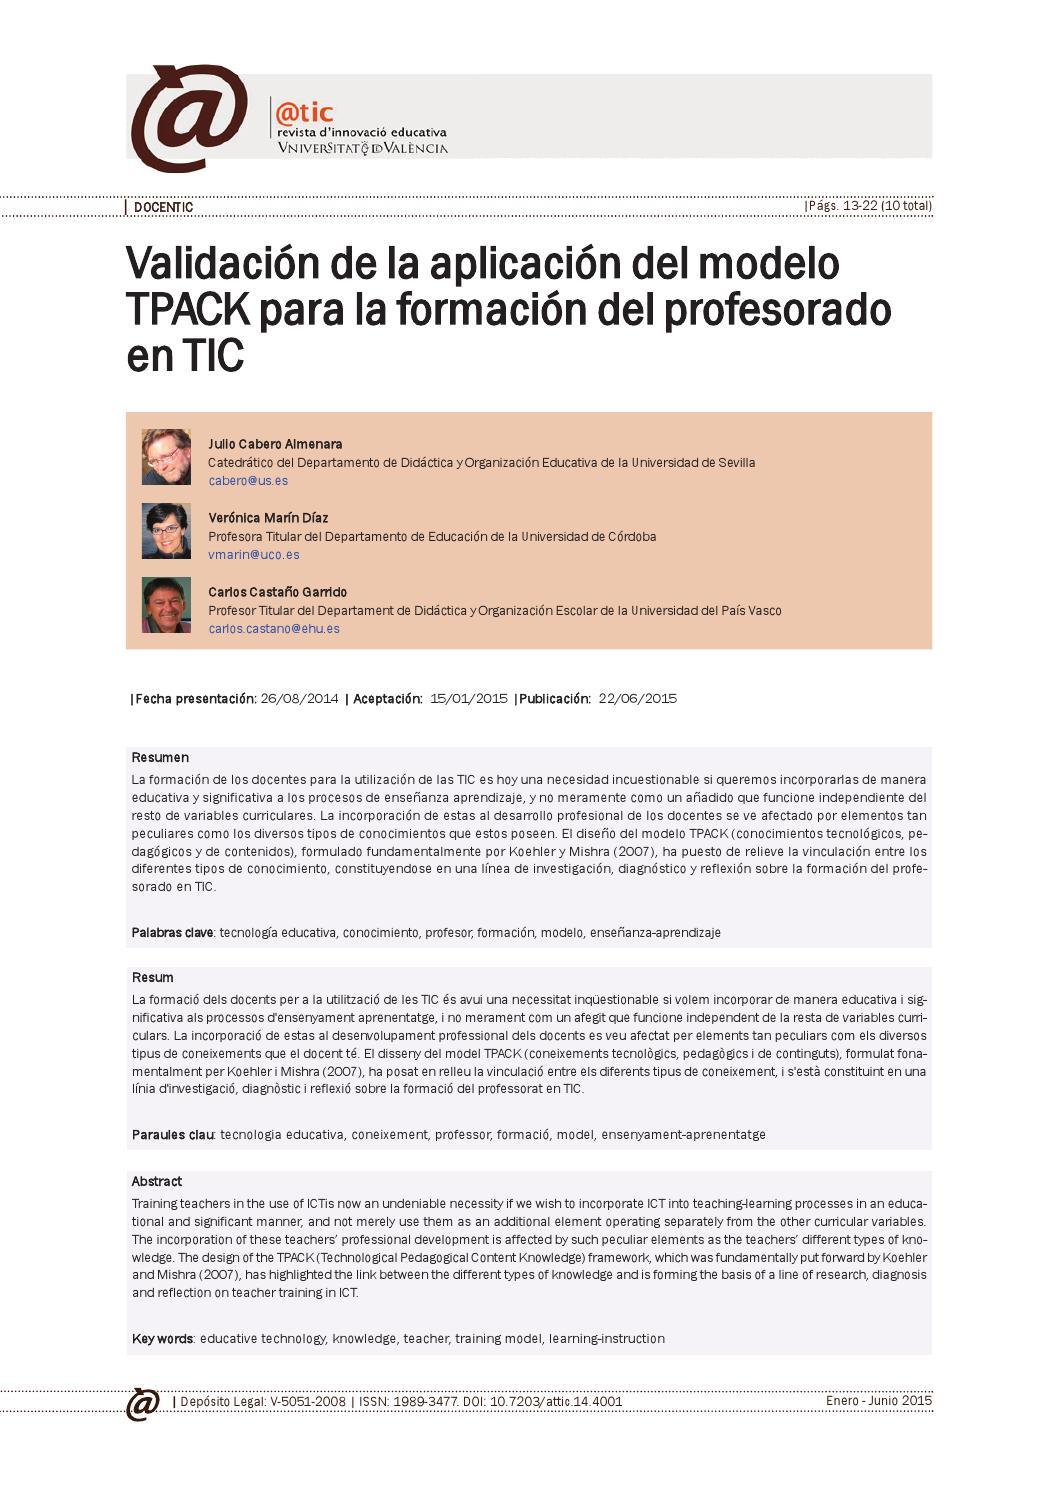 Validación de la aplicación del modelo tpack by Isabel Ortiz - issuu